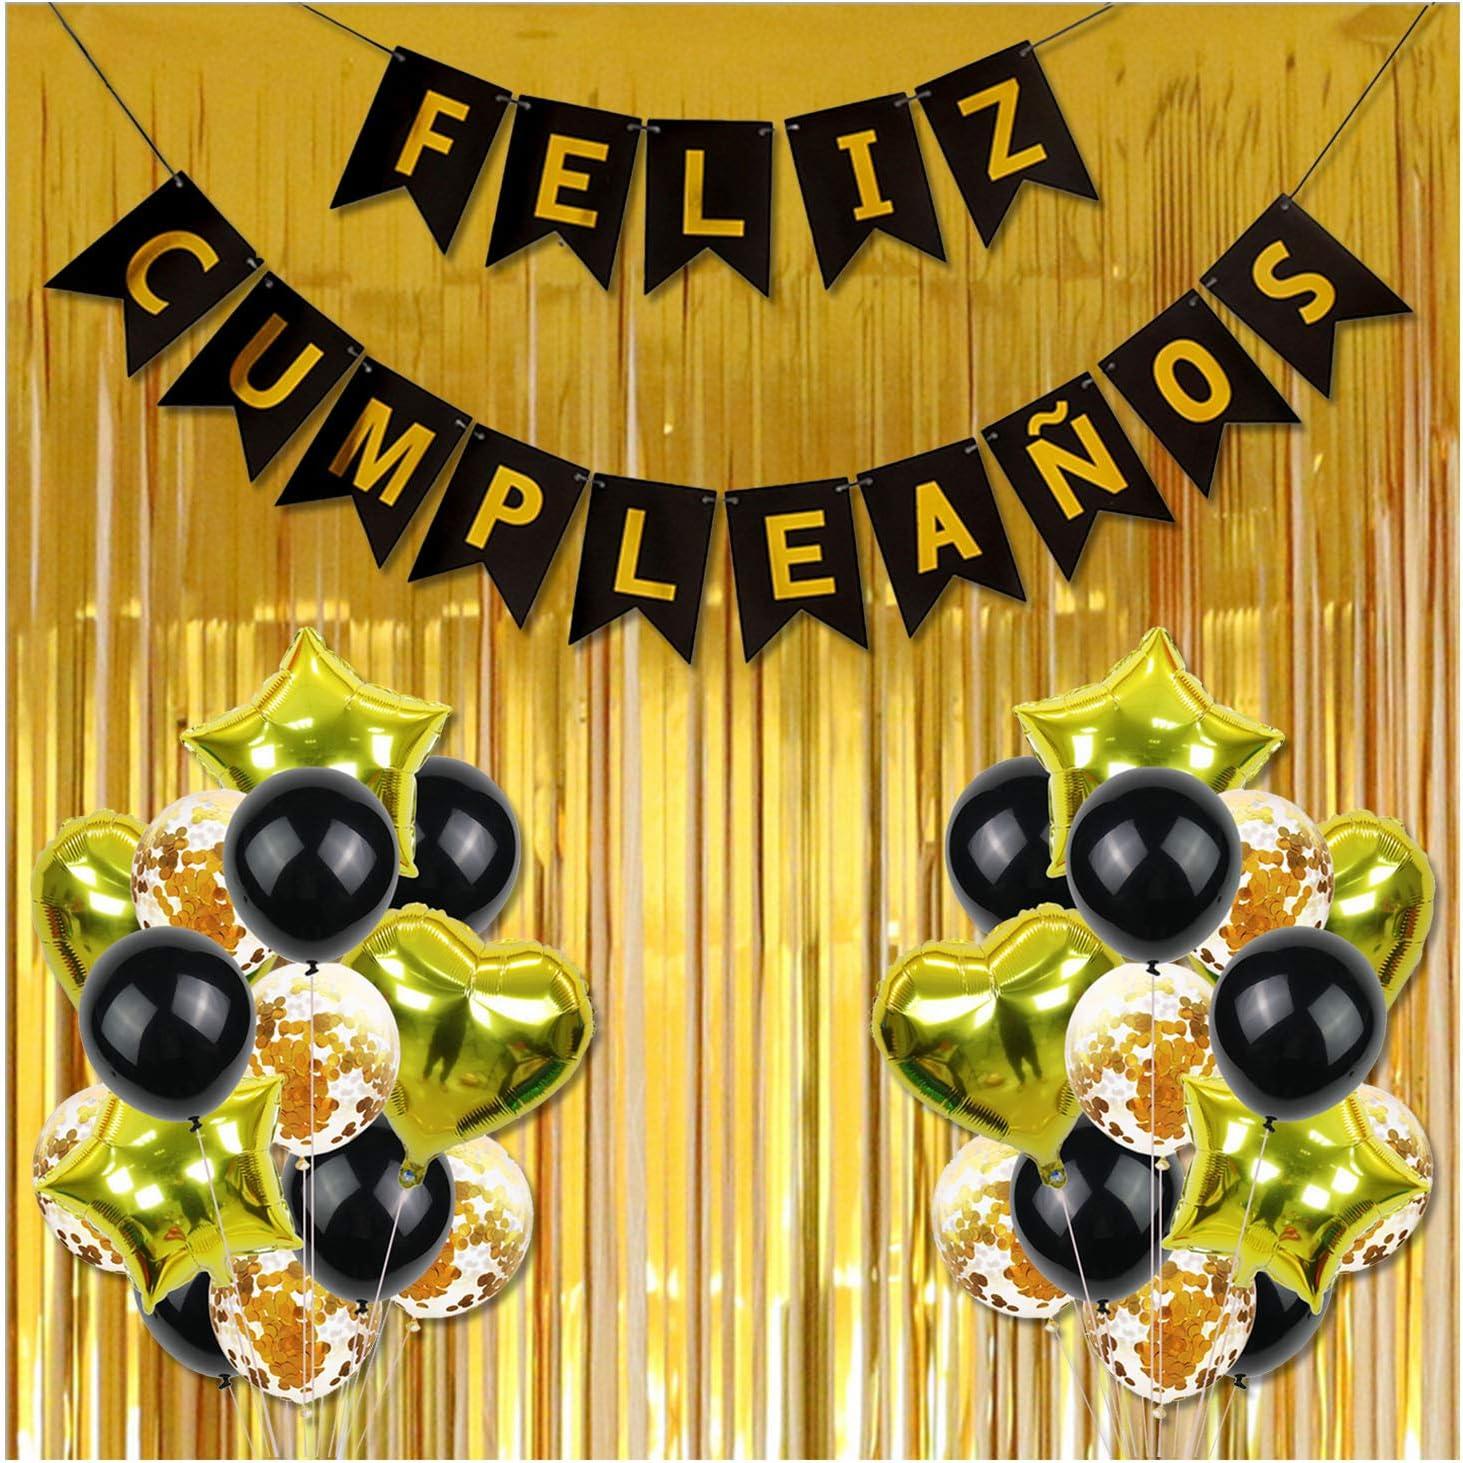 Cumpleaños, Feliz CumpleañOs decoración, 30 Piezas de Happy Birthday Decoración Dorada - Pack Incluye Banner, Globos de Confeti, Banderines, Cortinas y Mucho Mas ( Dorado )